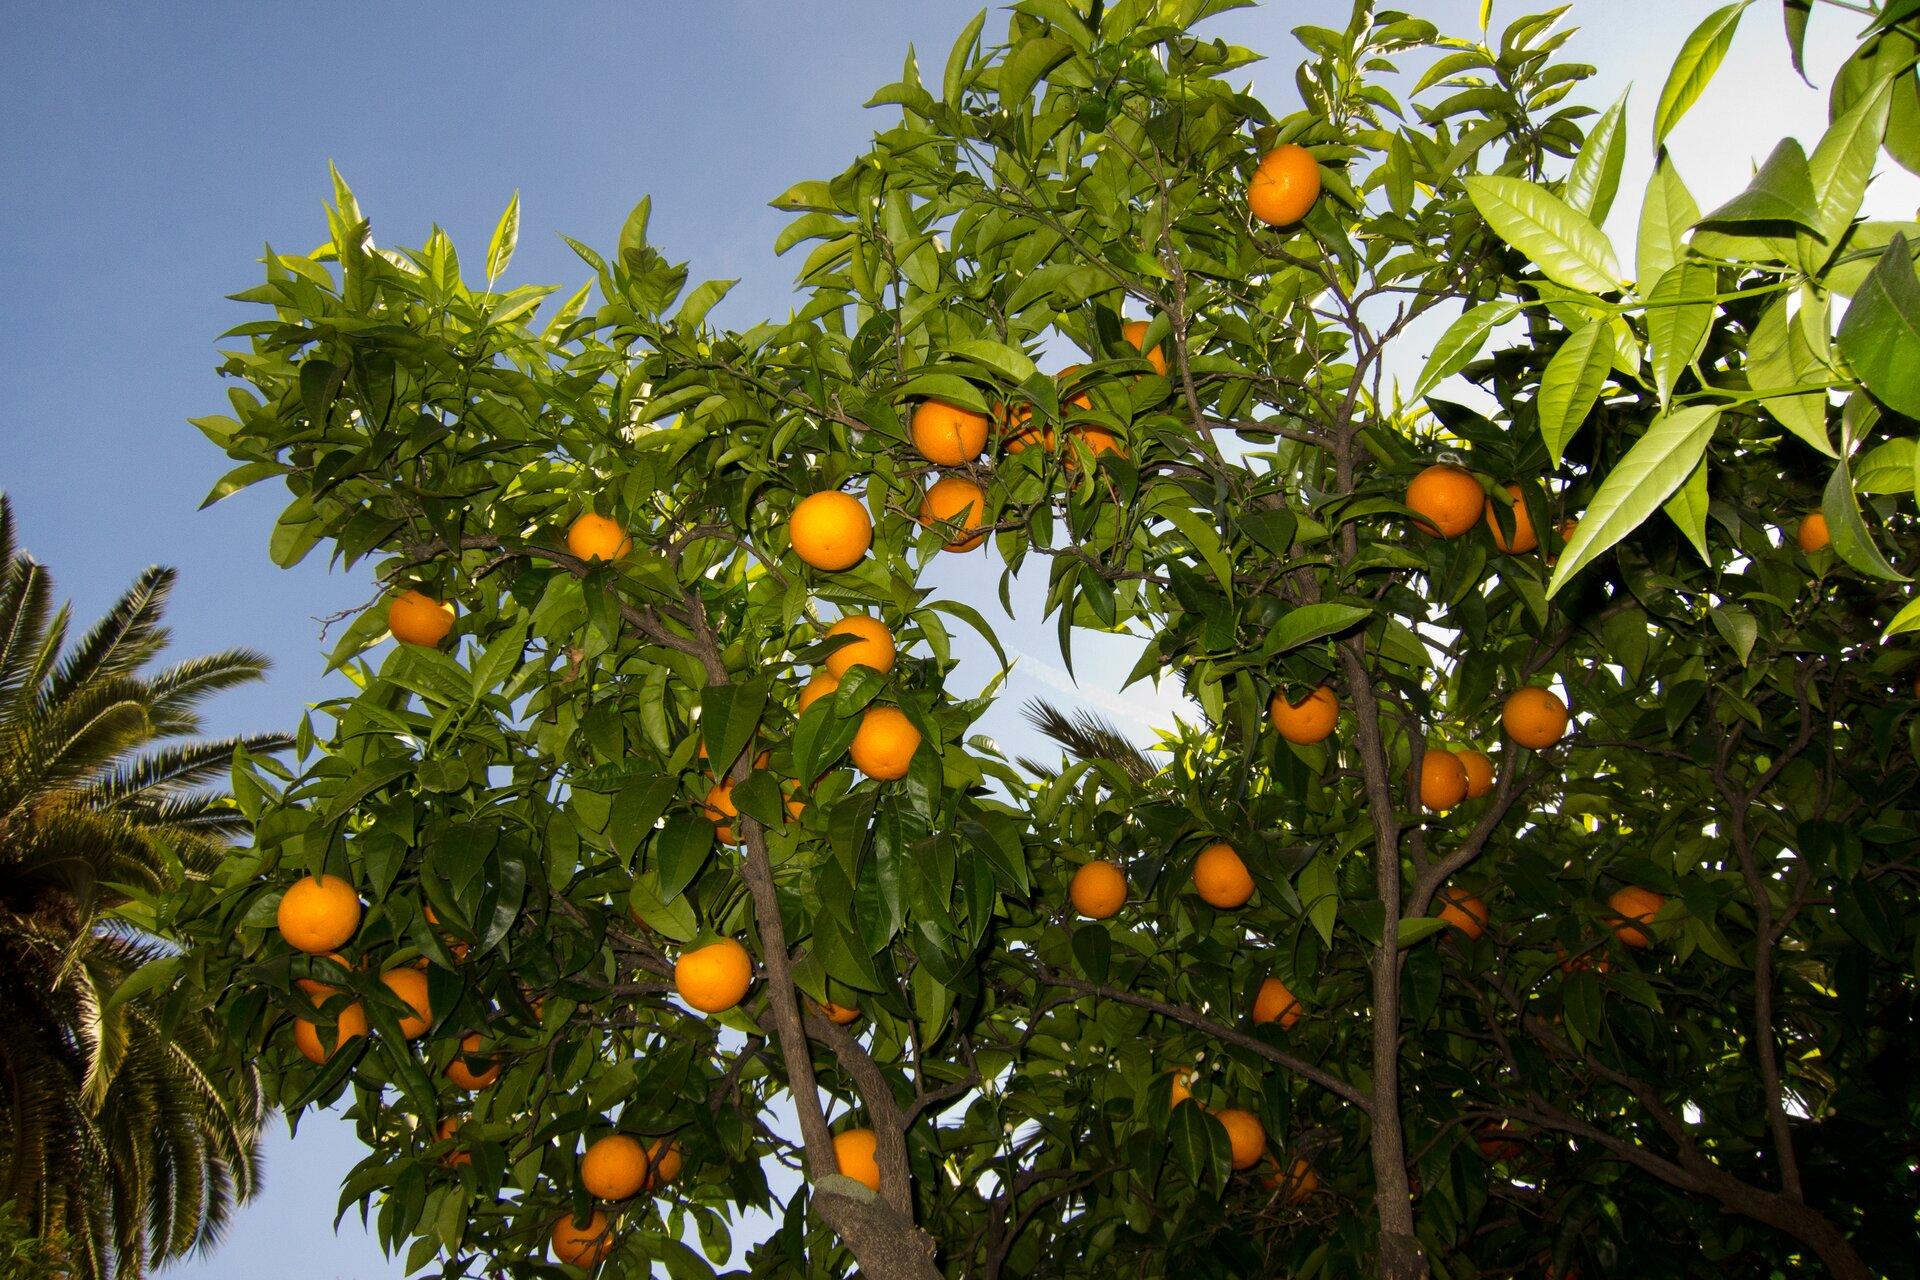 Fotografia prezentuje drzewa pomarańczy widoczne od dołu. Drzewa są drobne, mają cienki pień oraz mnóstwo okrągłych pomarańczy.